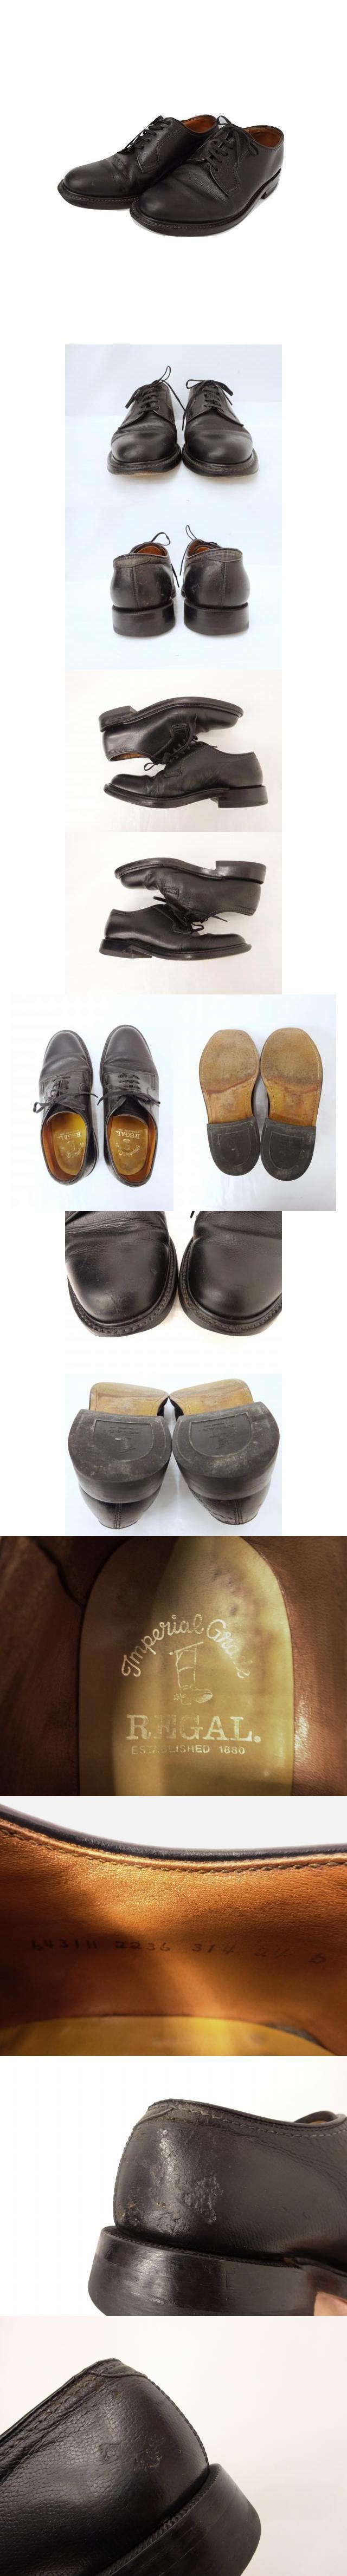 インペリアルグレード 2236 ビジネスシューズ プレーントゥ 24cm 黒 ブラック 皮革 レザー 無地 レースアップ 靴 フォーマル